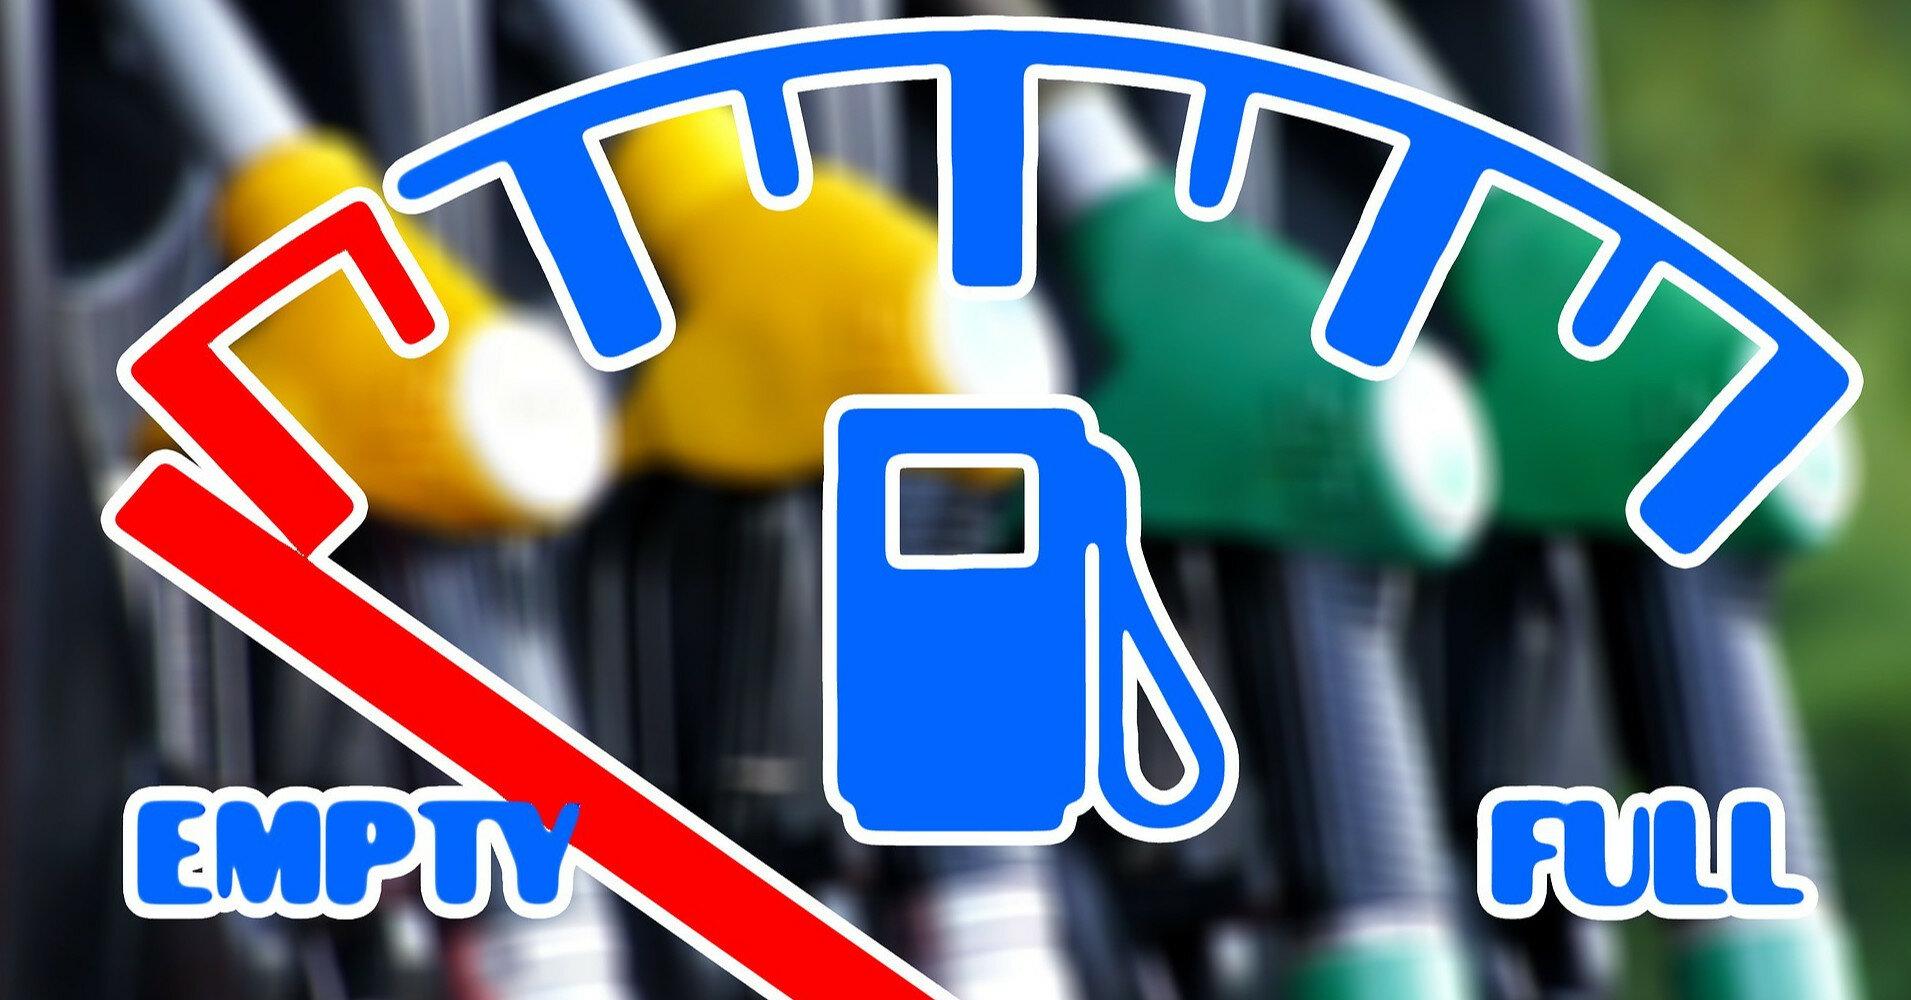 Эксперты проверили дизельное топливо на украинских АЗС